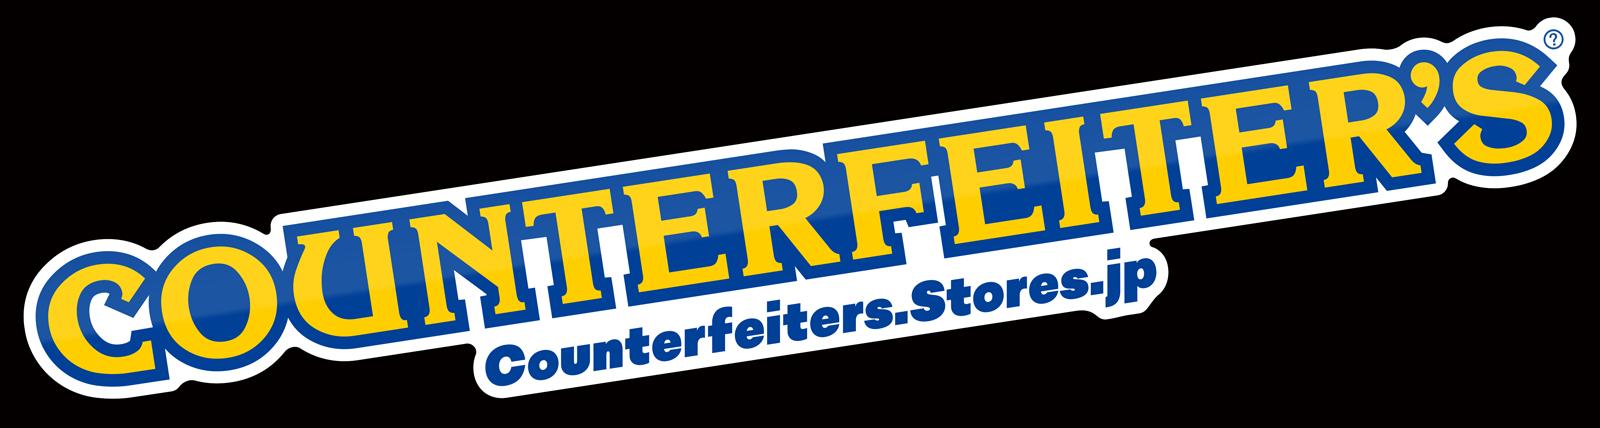 Counterfeiter's